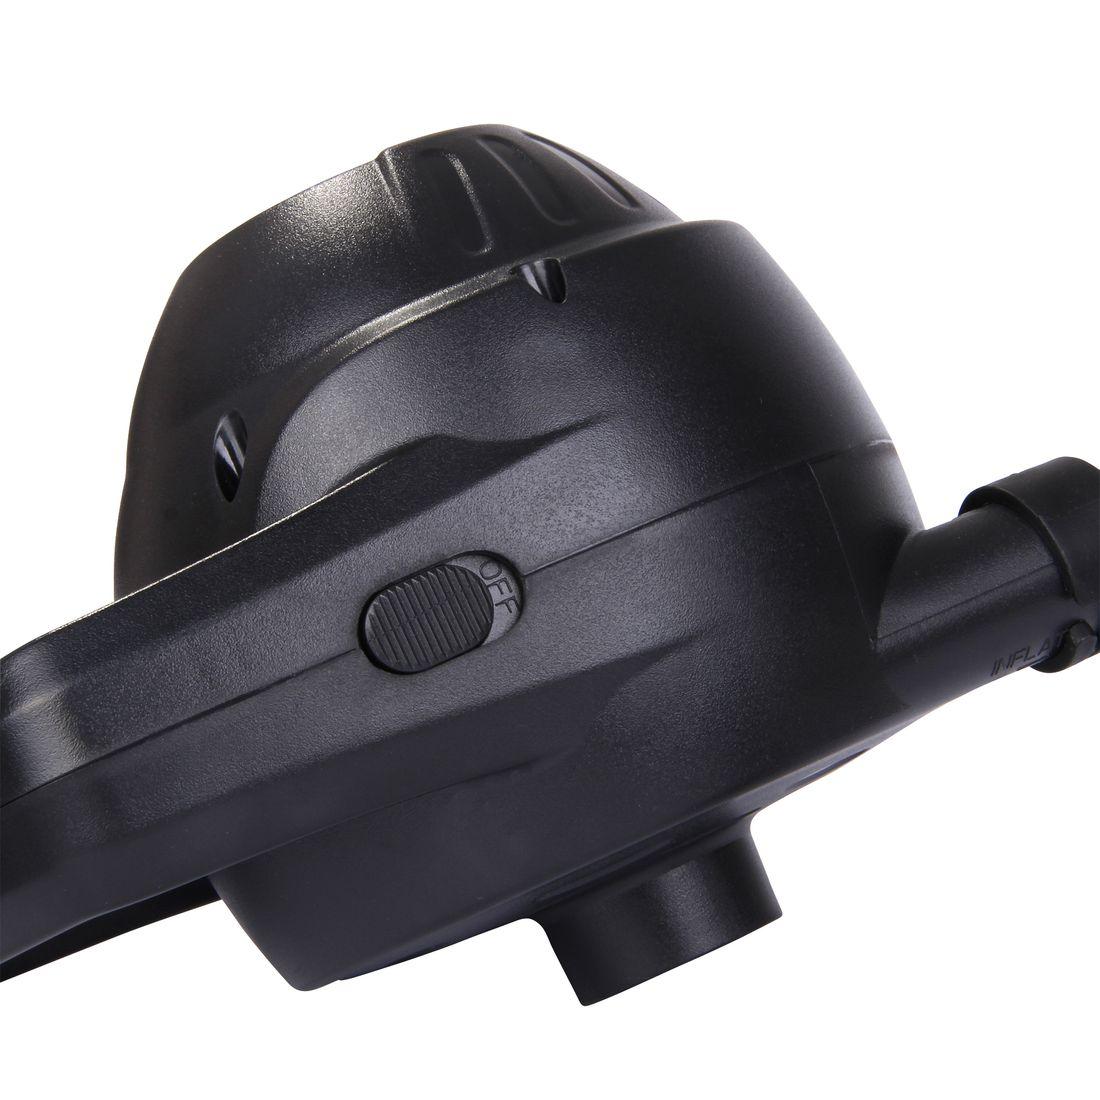 Adulto Bomba de Aire el/éctrica P110 Bomba el/éctrica de 12 V 110 W Compresor 2 Boquillas 450 L//min 1,1 PSI Negro Blueborn Unisex